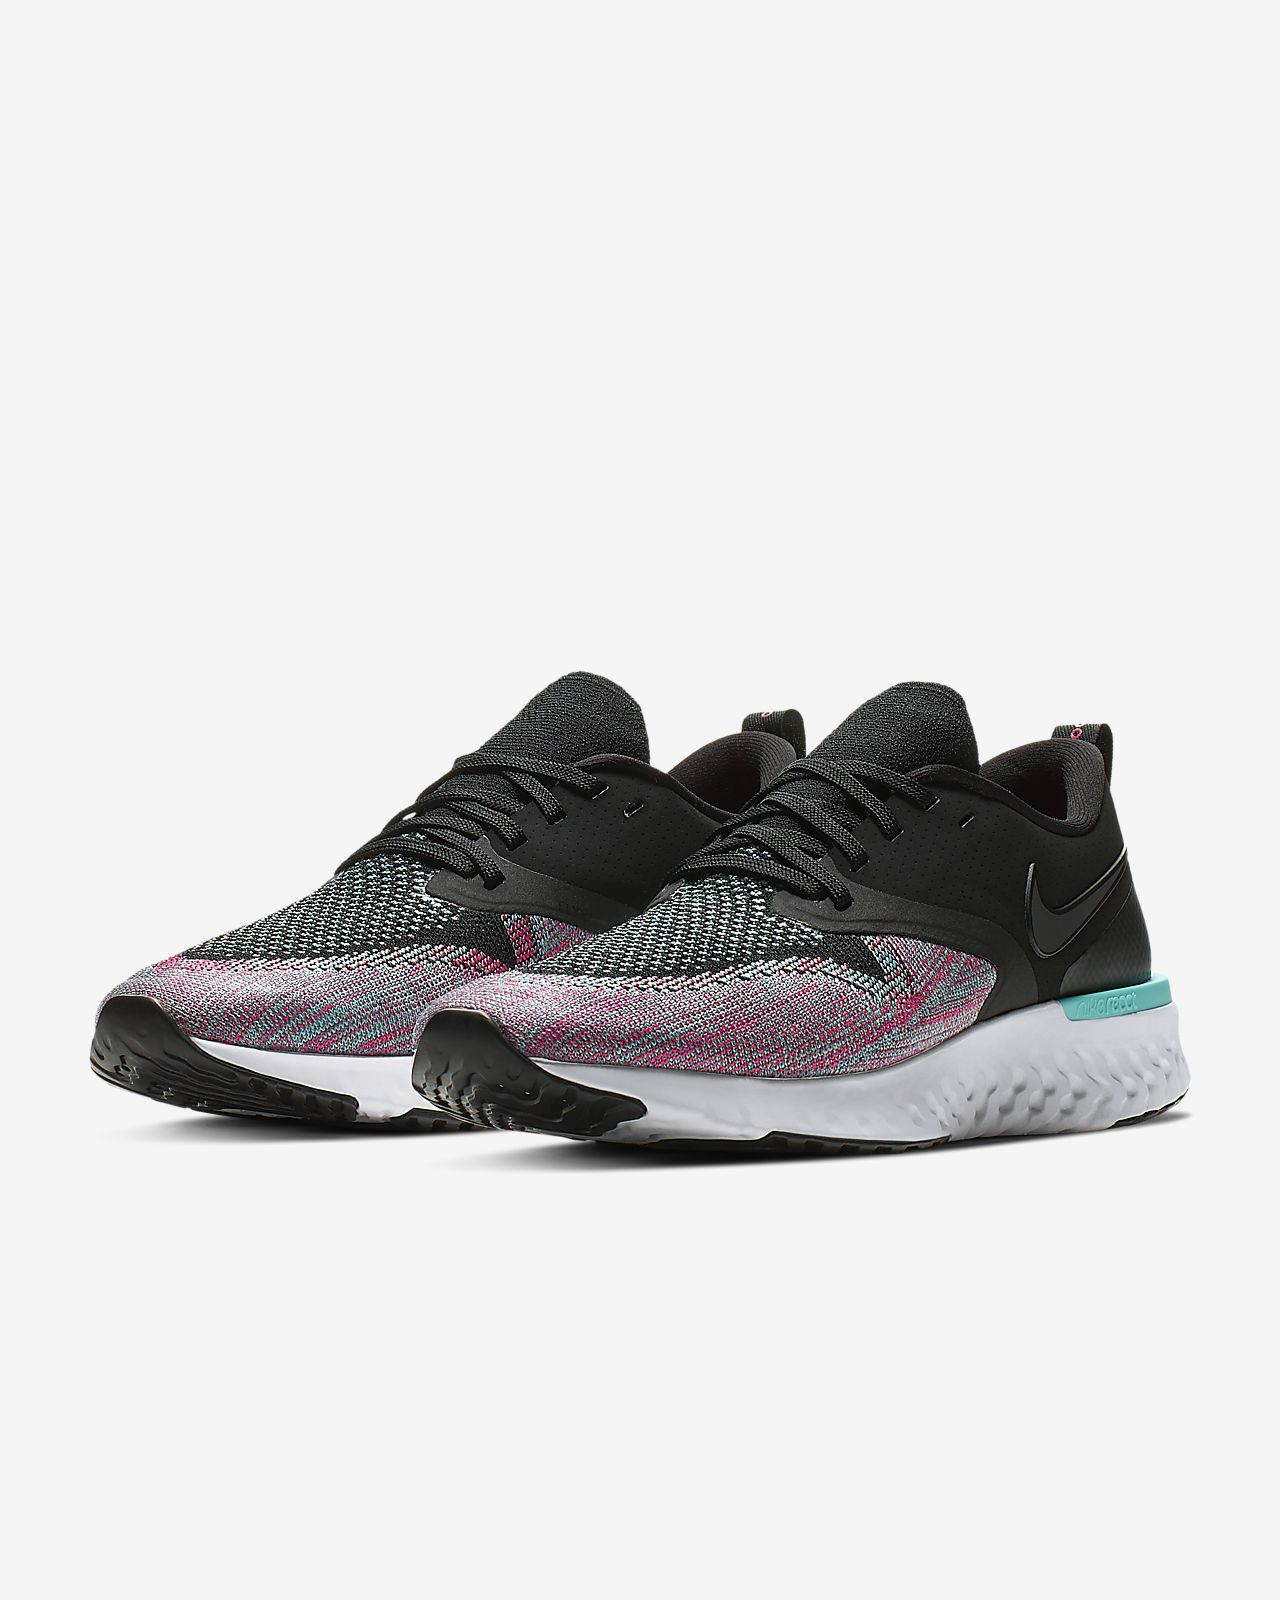 9de9bb2cea2da Nike Odyssey React Flyknit 2 Women s Running Shoe. Nike.com